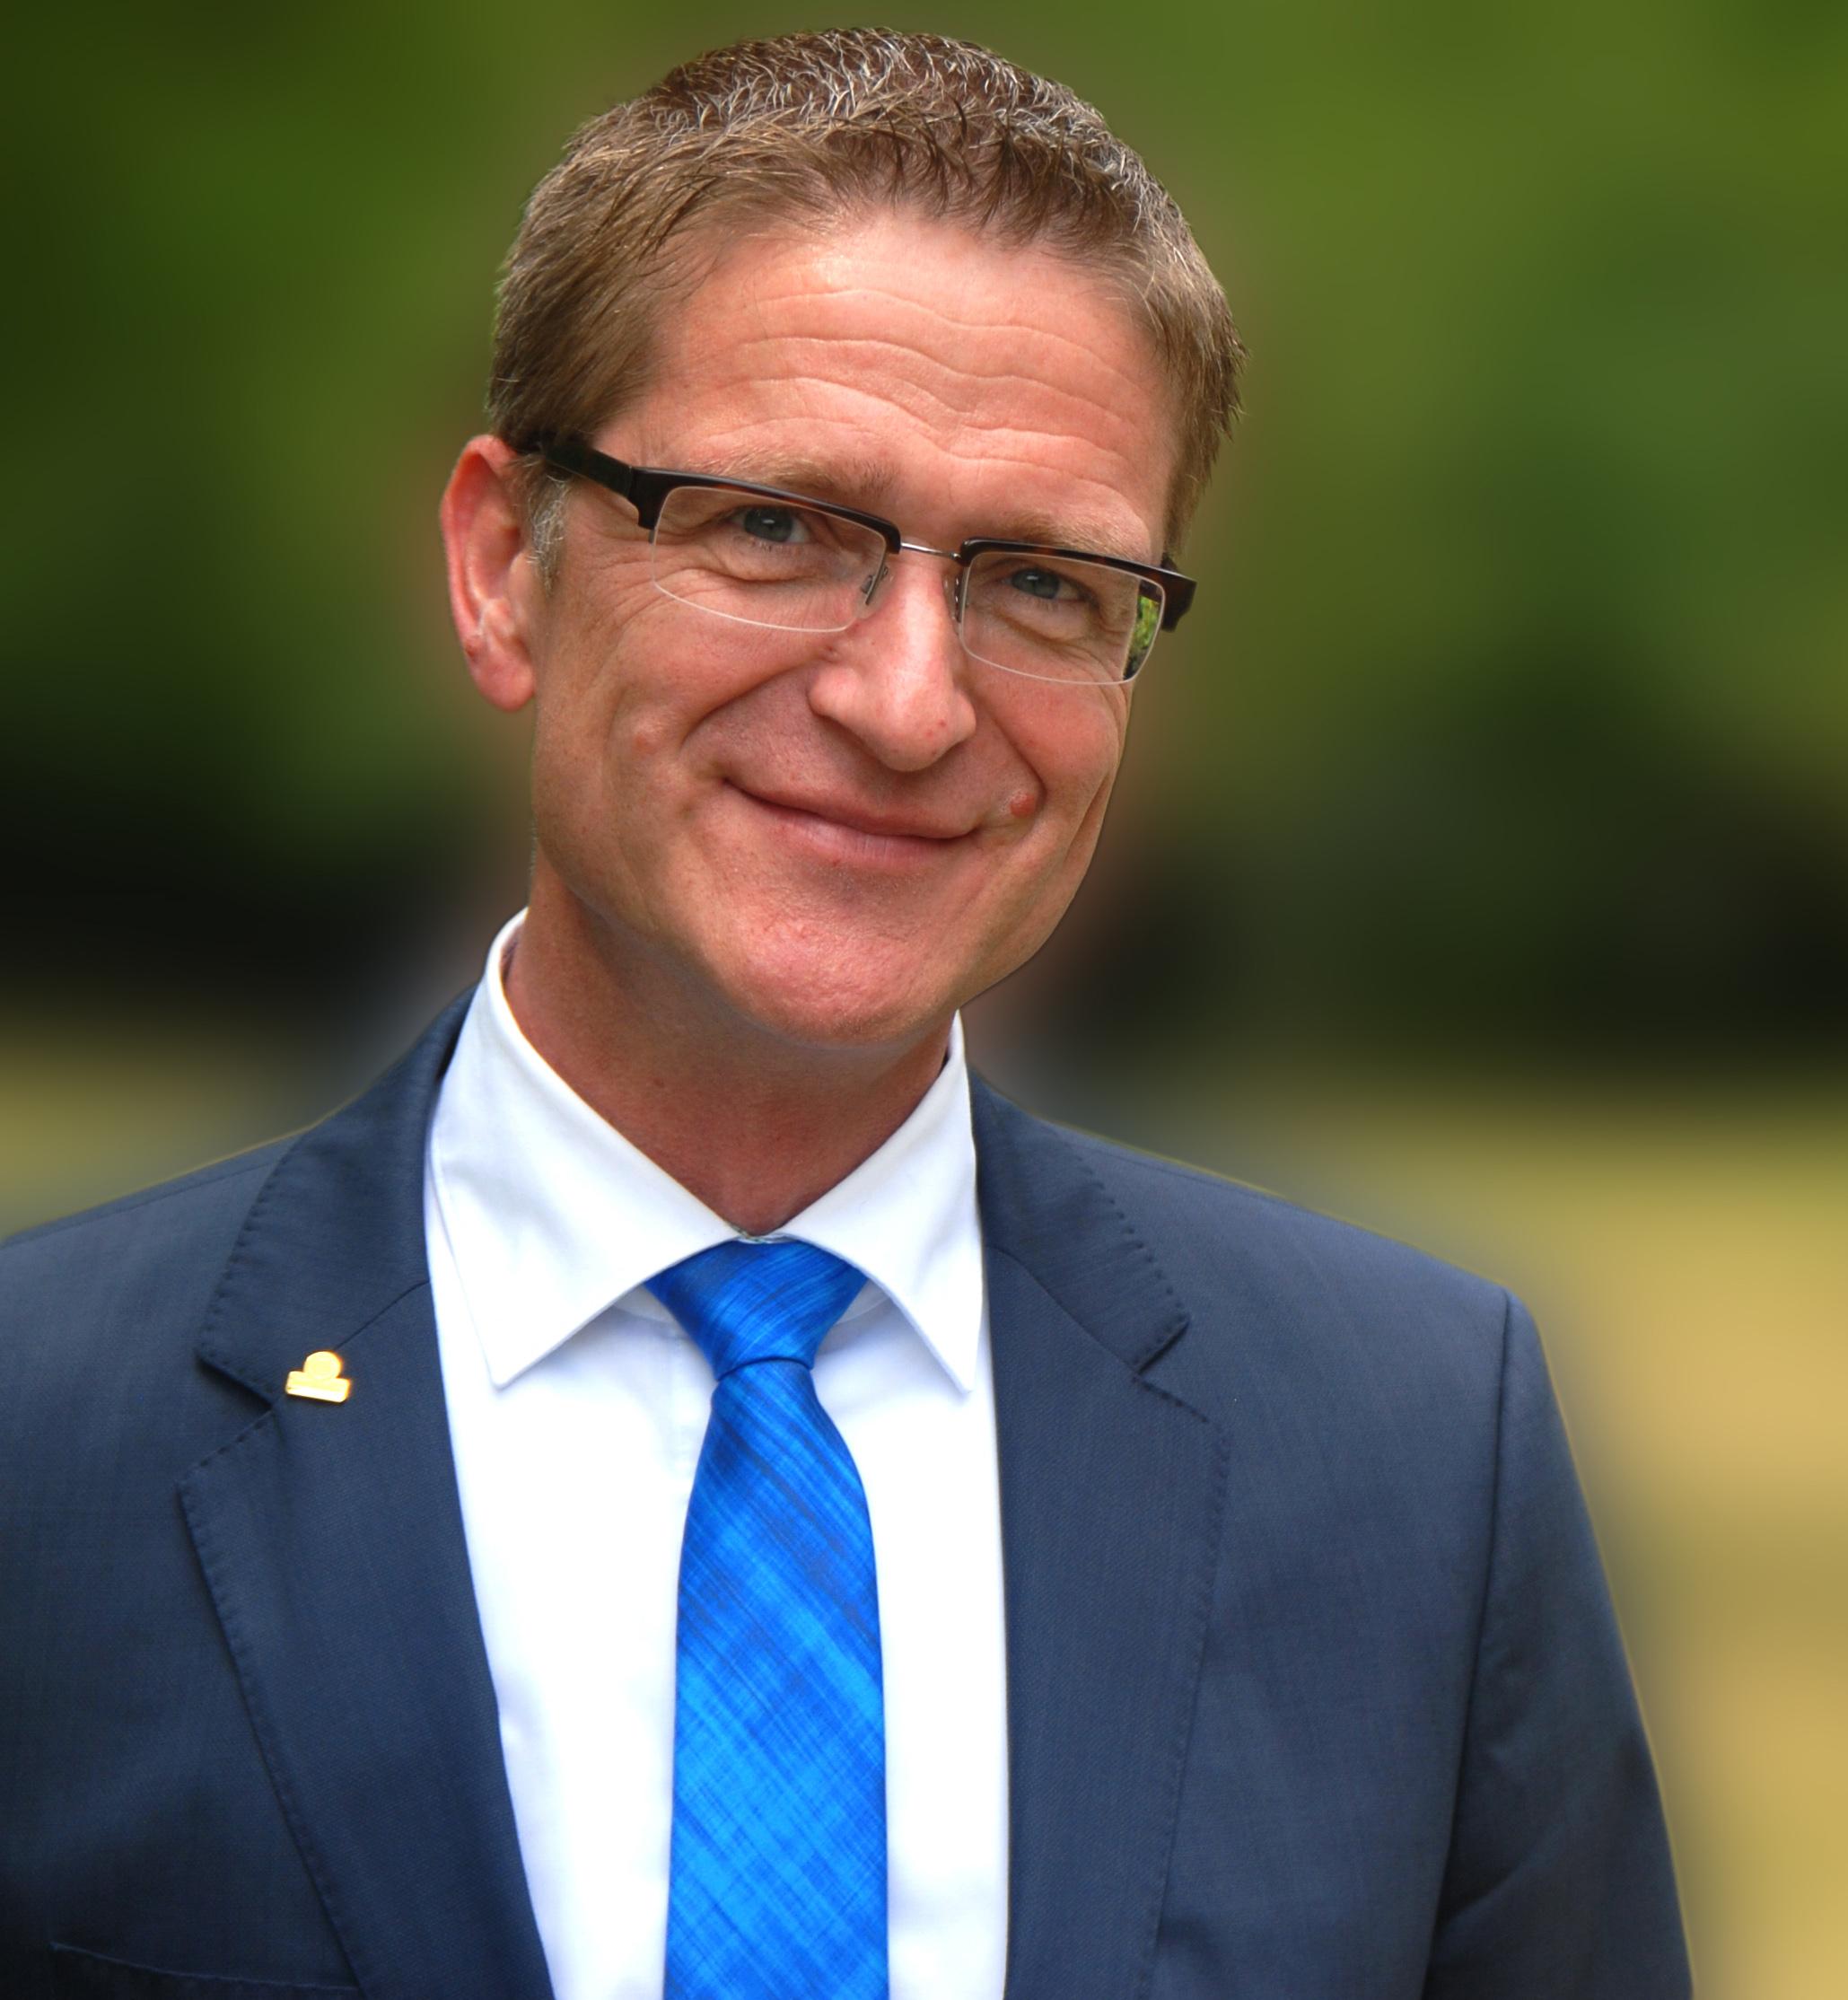 Wolfgang Struensee